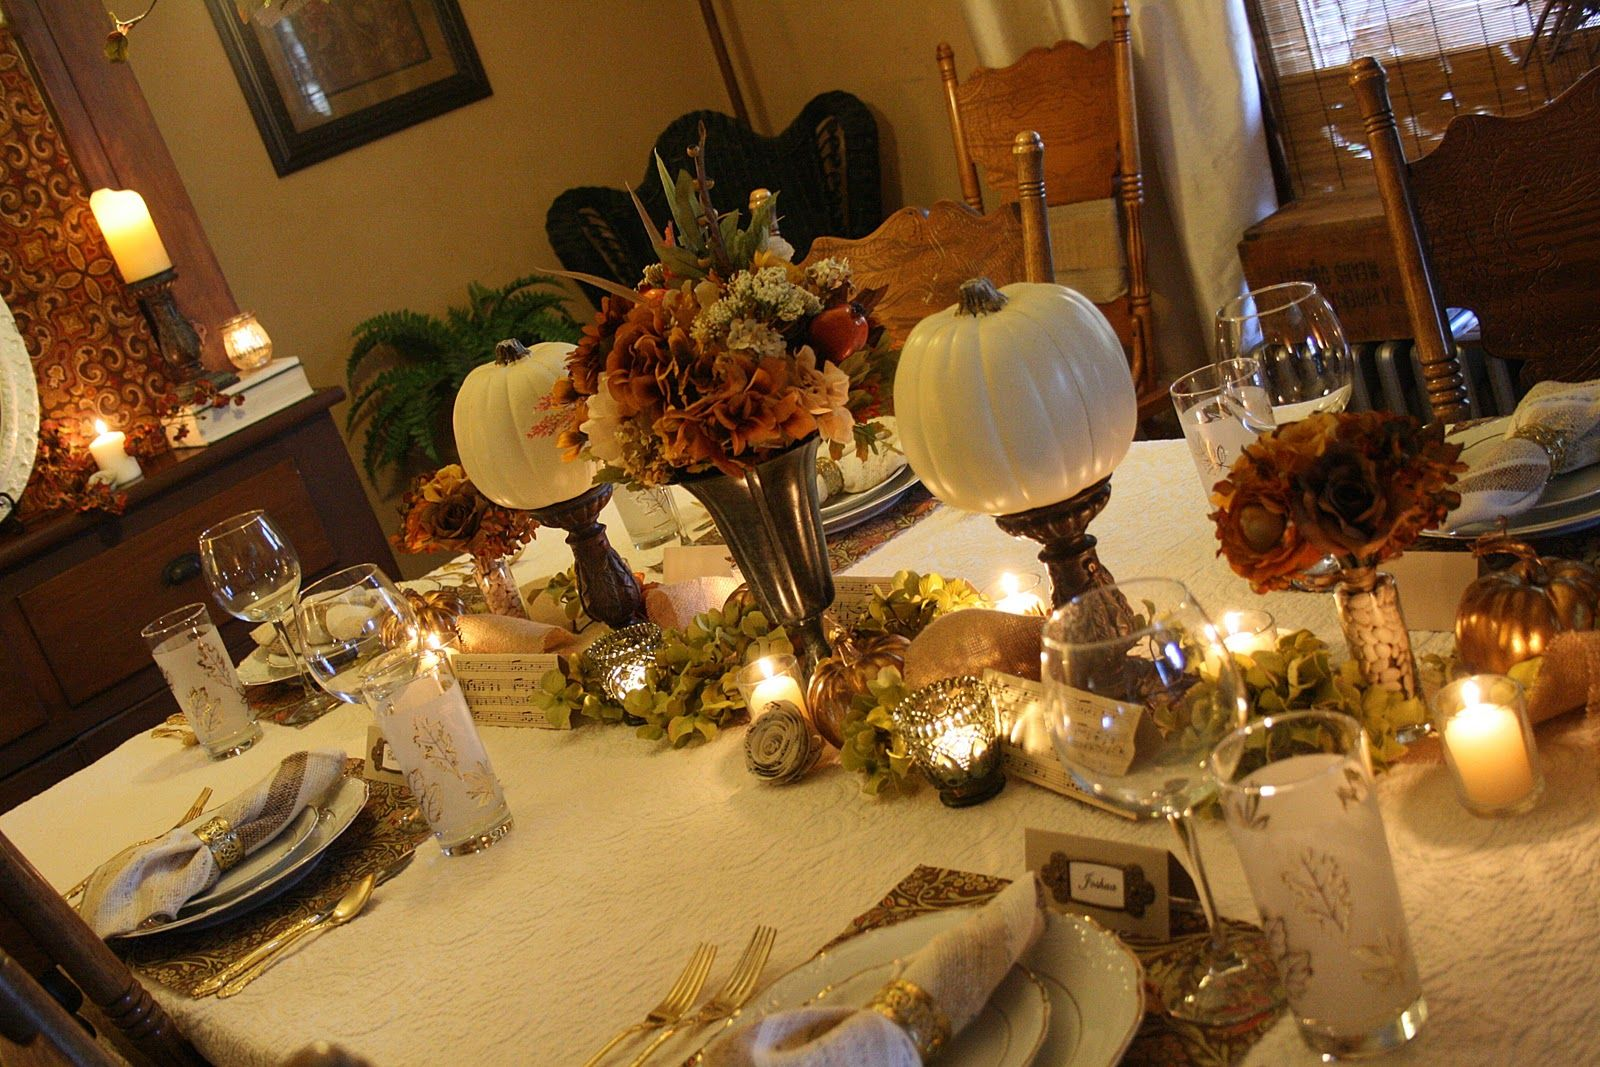 Decoración de mesas estilo otoñal para Thanksgiving, encuentra más ideas en http://www.1001consejos.com/decoracion-de-mesas-para-thanksgiving